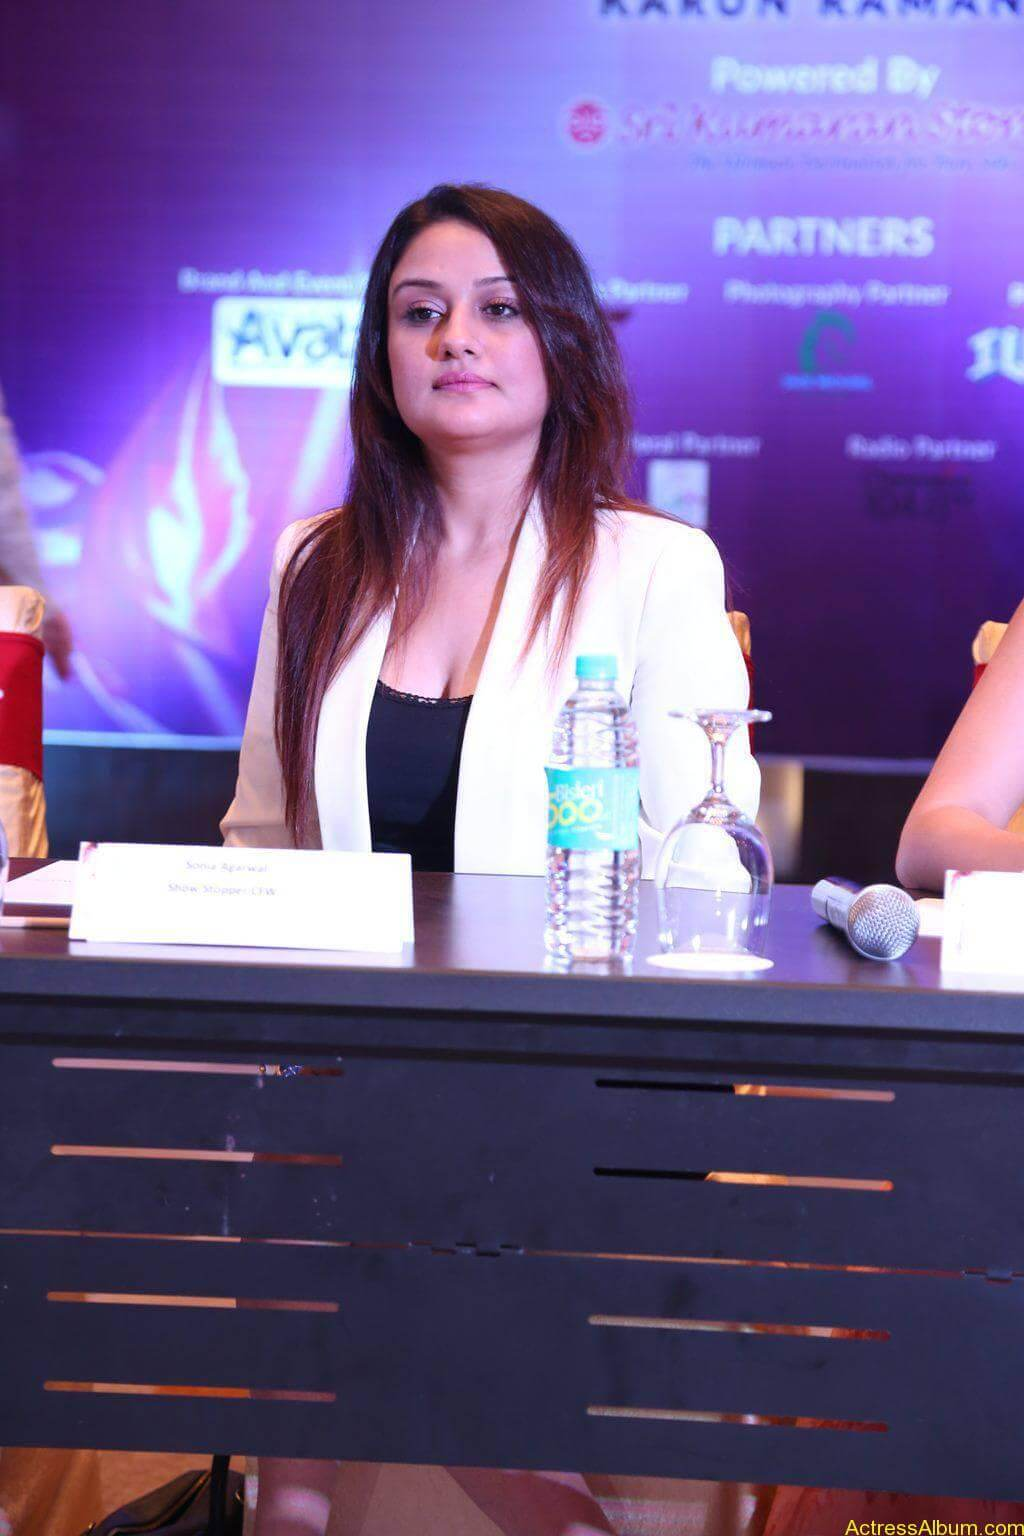 Sonia-Agarwal-Stills-At-Chennai-Fashion-Week-Press-Meet-01